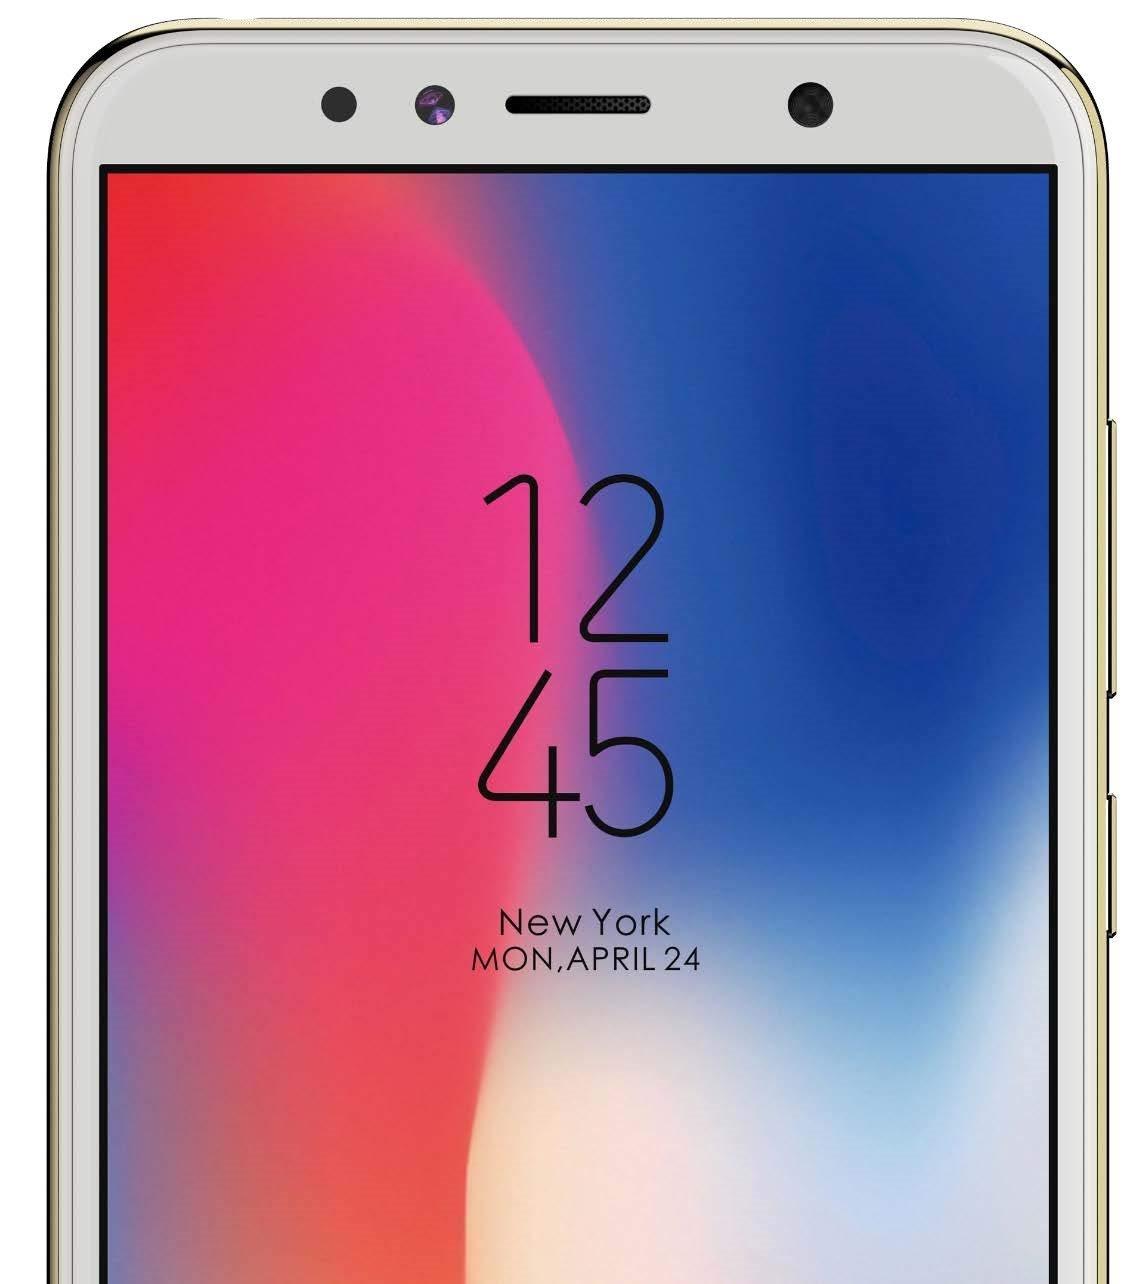 Huaweii Y6 2018 amazon 1